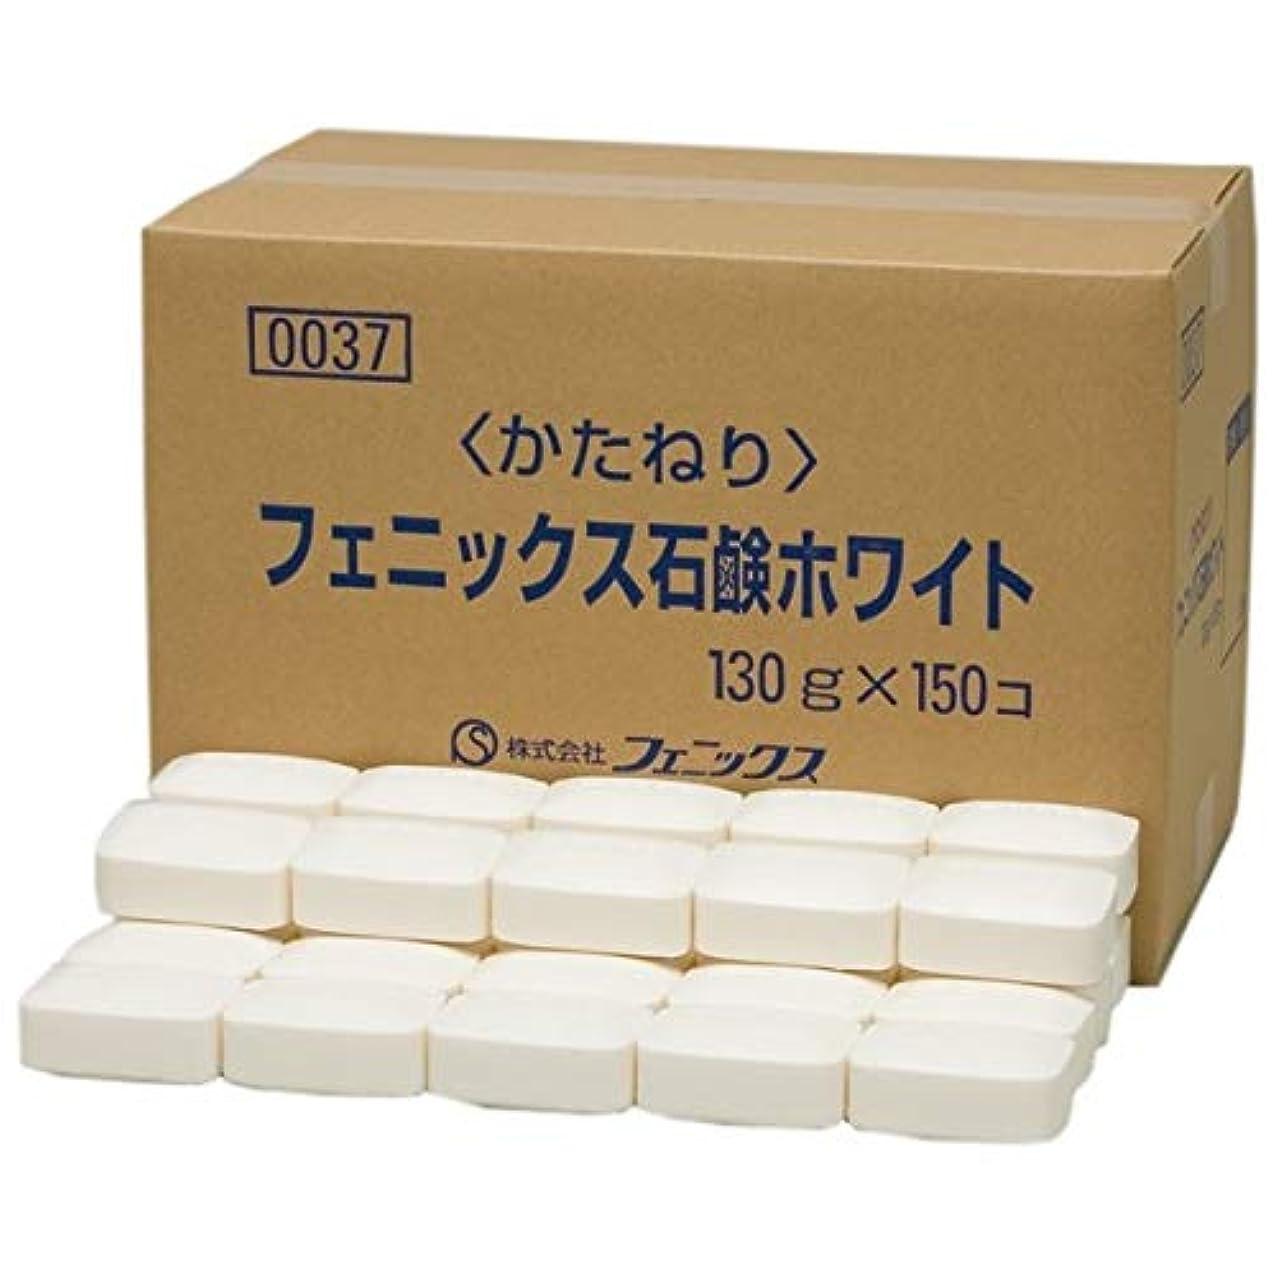 魔術ピルファーそれぞれフェニックスホワイト石鹸 130g×150個入